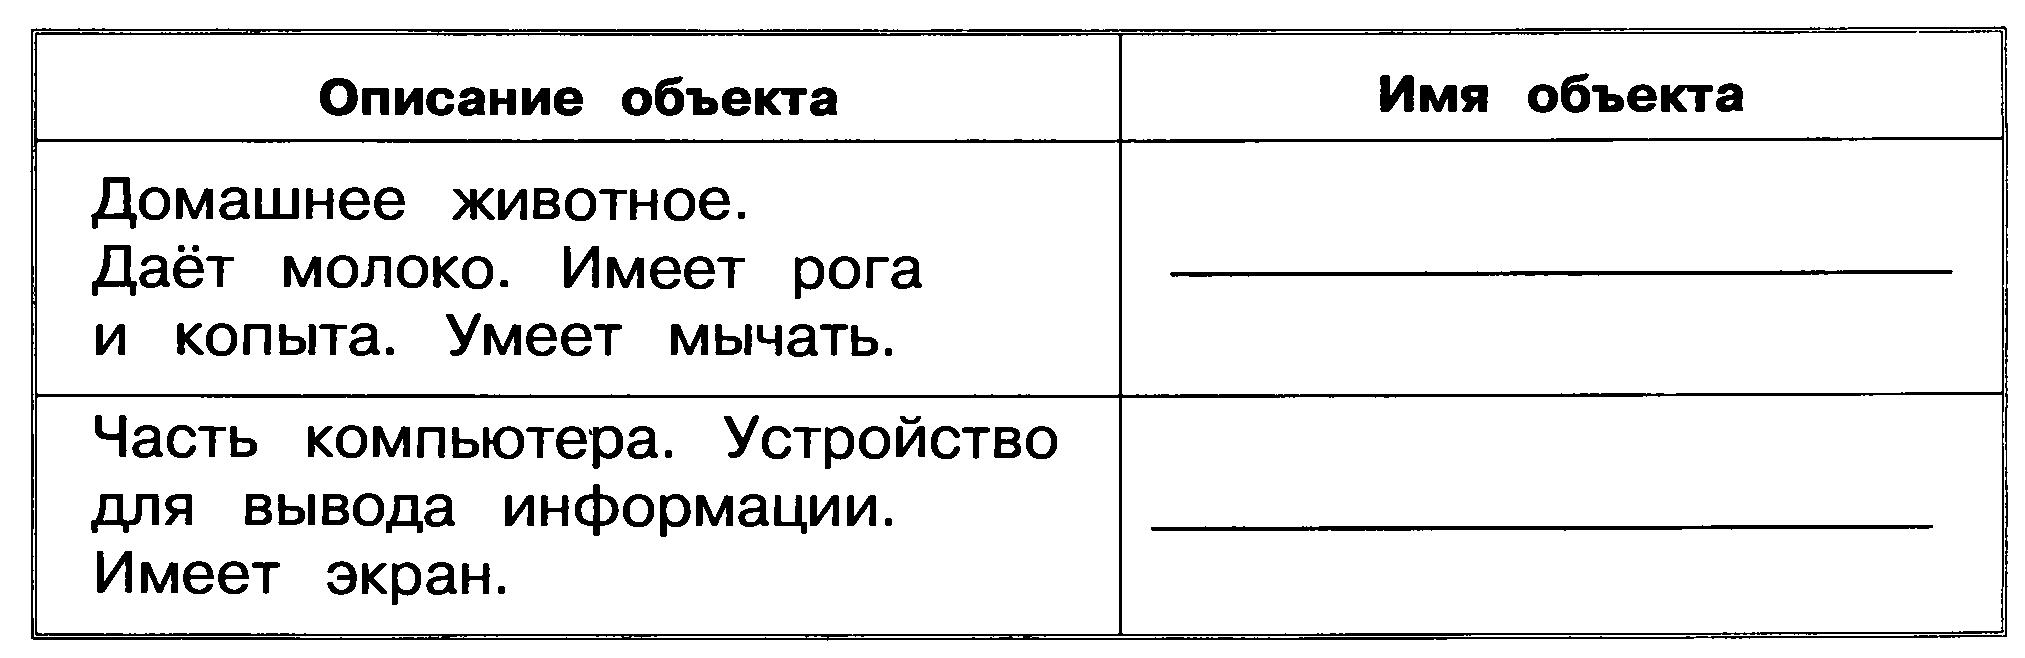 Проверочные работы на уроках информатики класс Матвеева Челак hello html m5b0beedb png hello html 7b95b739 png 3